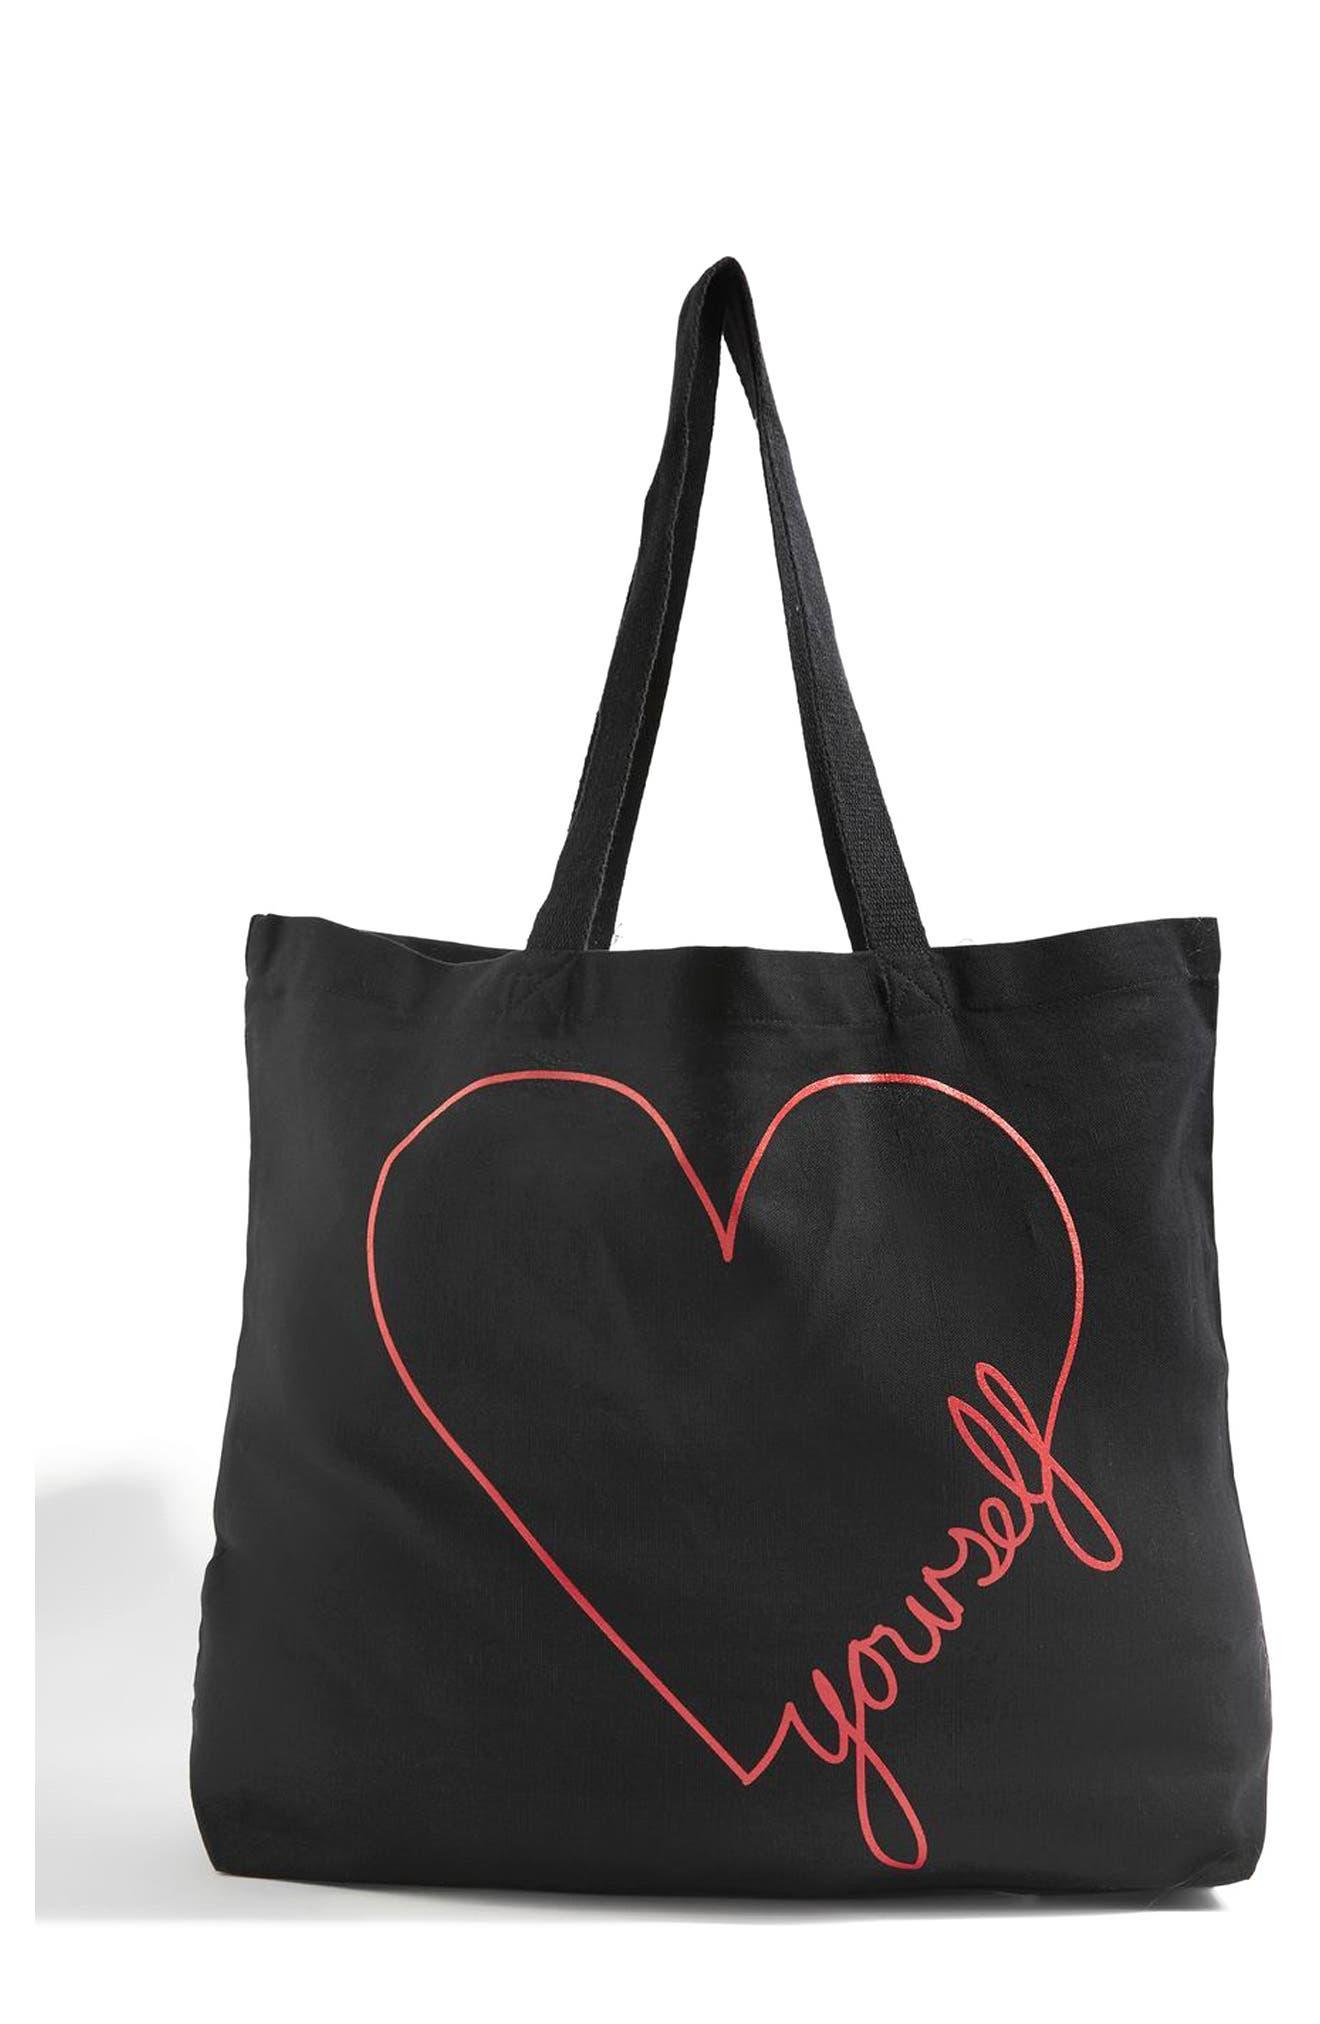 Love Yourself Canvas Tote Bag,                         Main,                         color, Black Multi